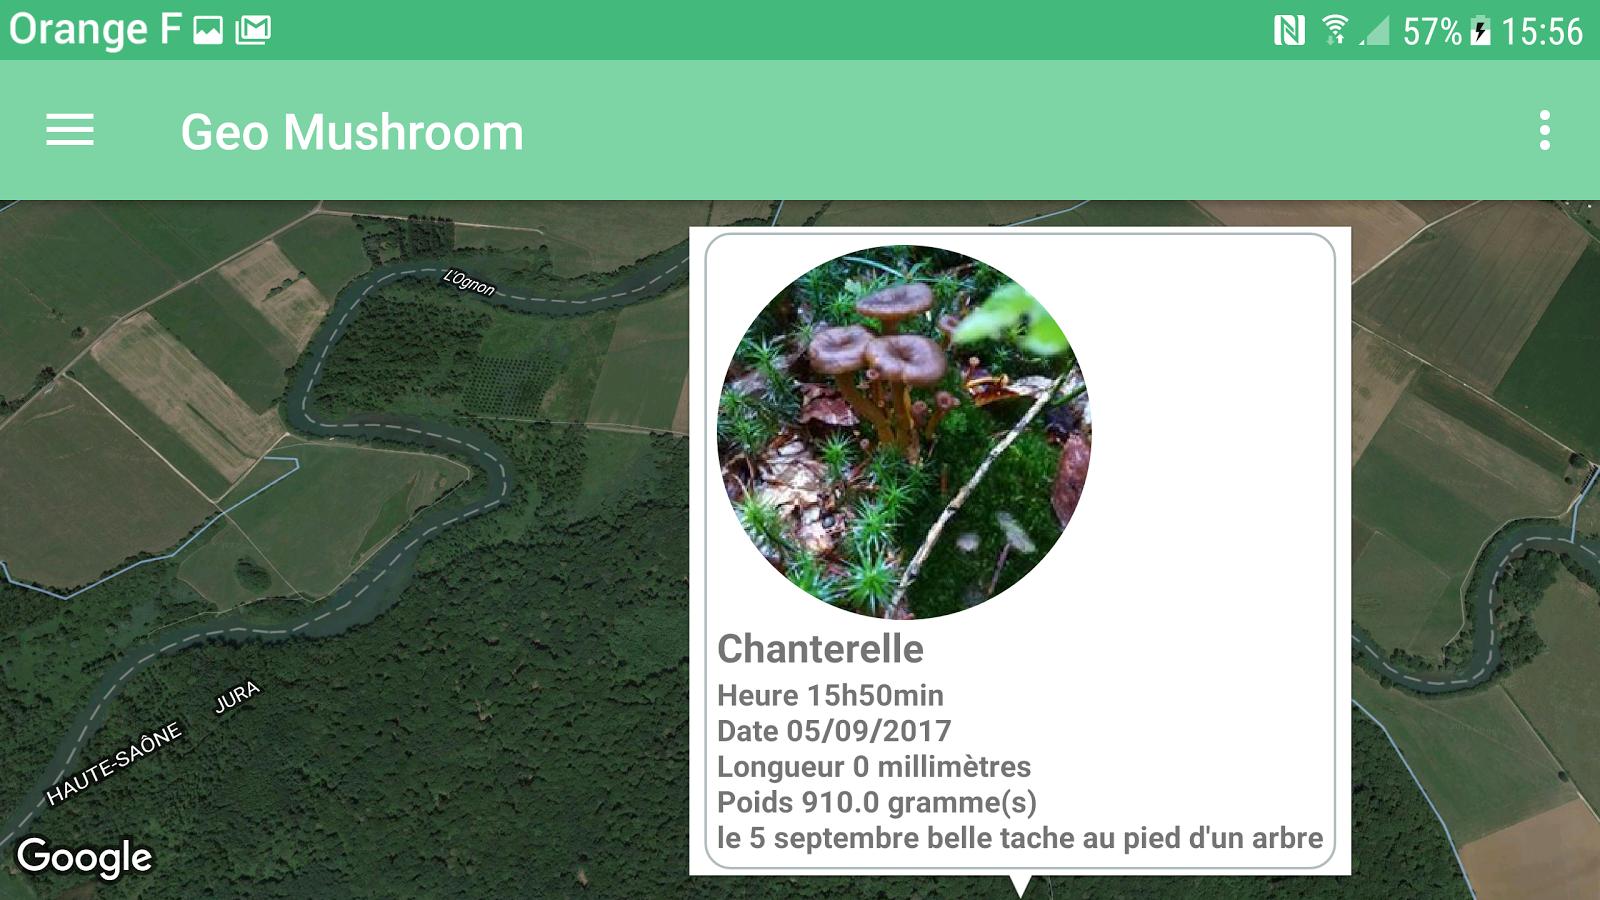 Geo Champignon (geo mushroom) cueilleur champignon